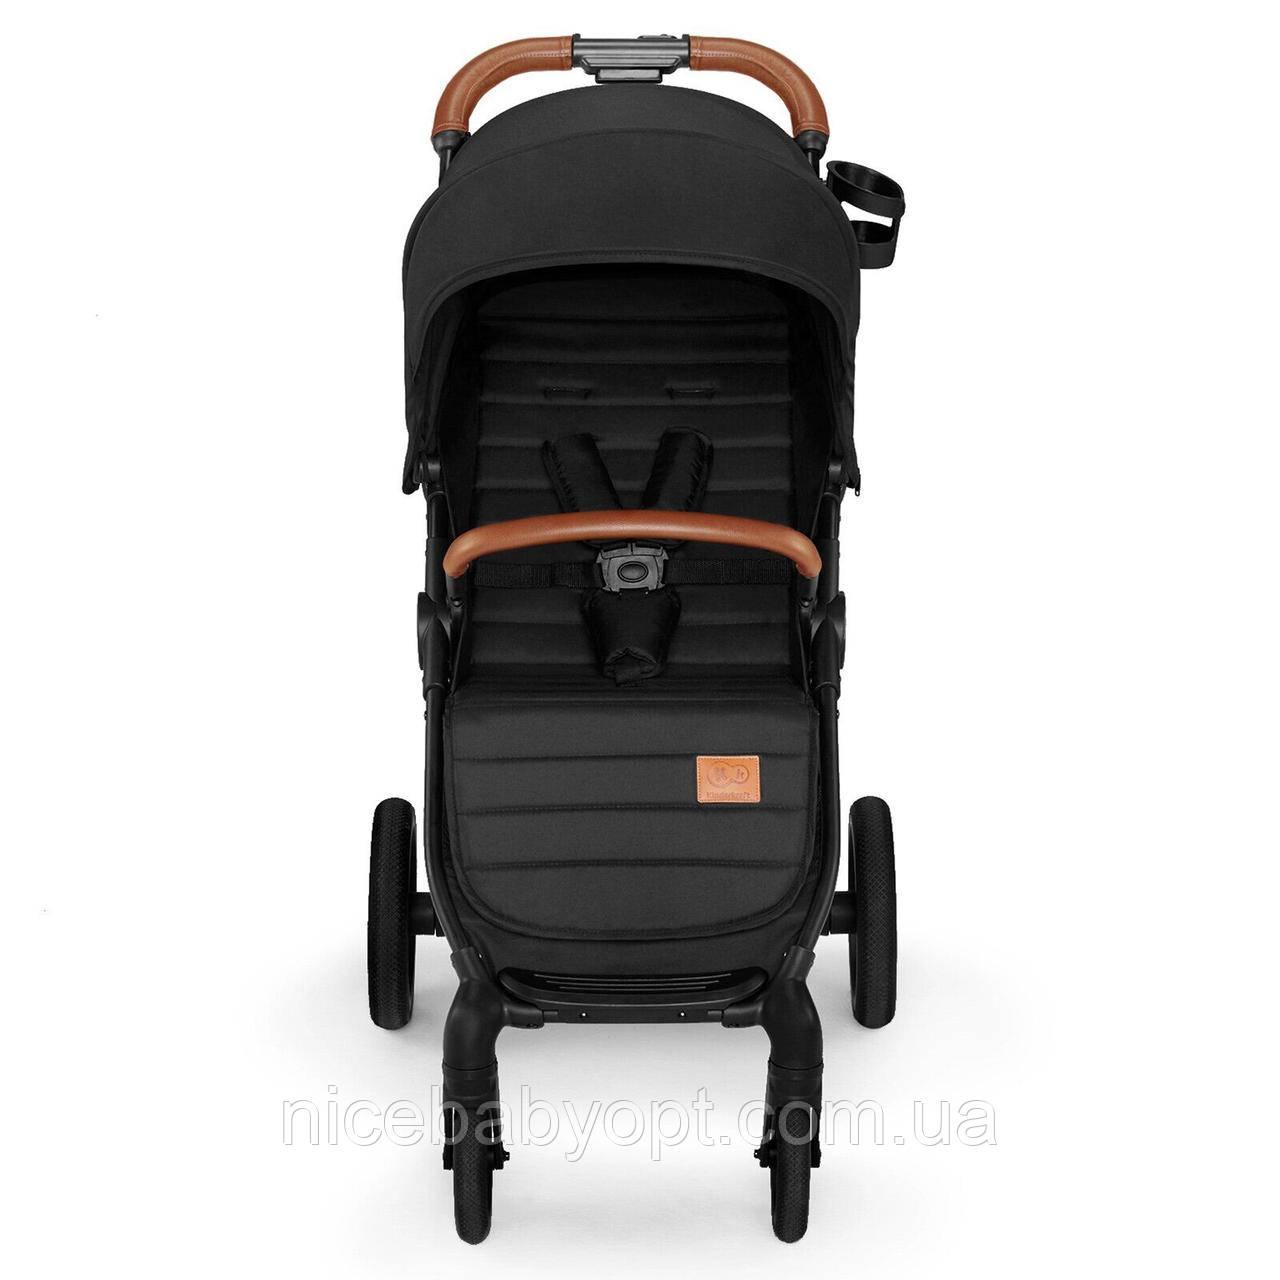 Прогулочная коляска Kinderkraft Grande Black 2020